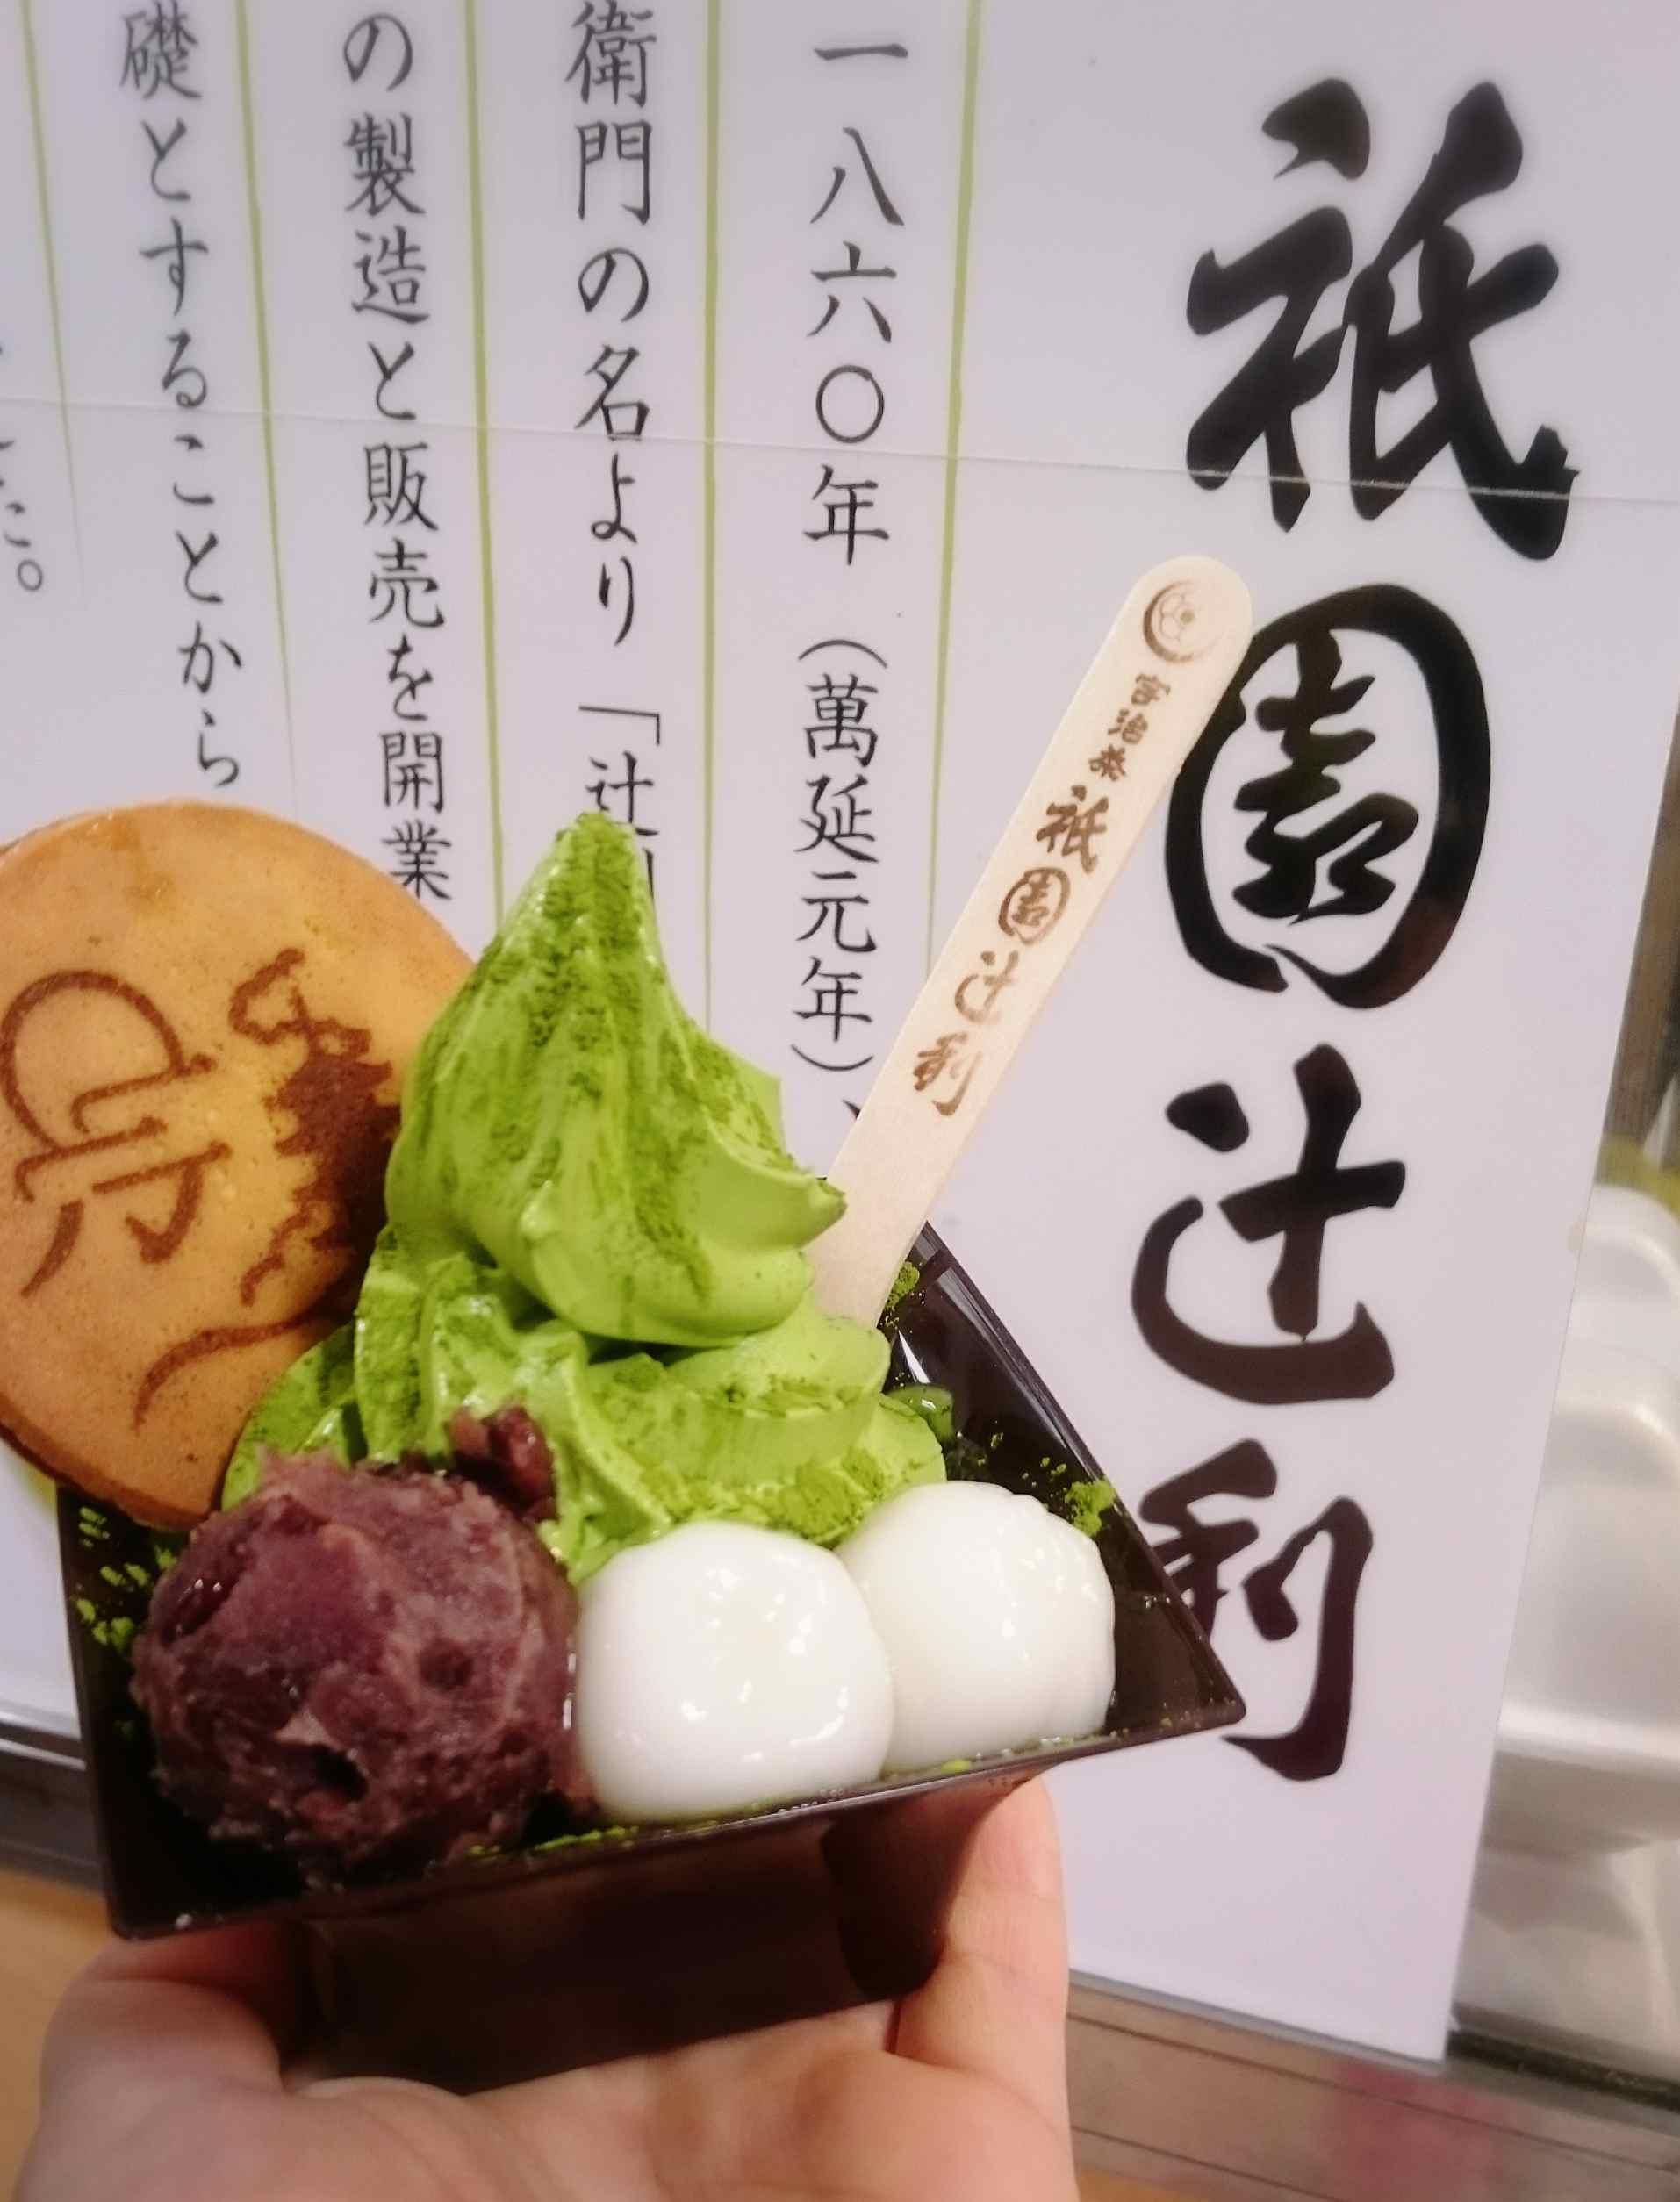 【高島屋】大京都展で京都グルメを購入①